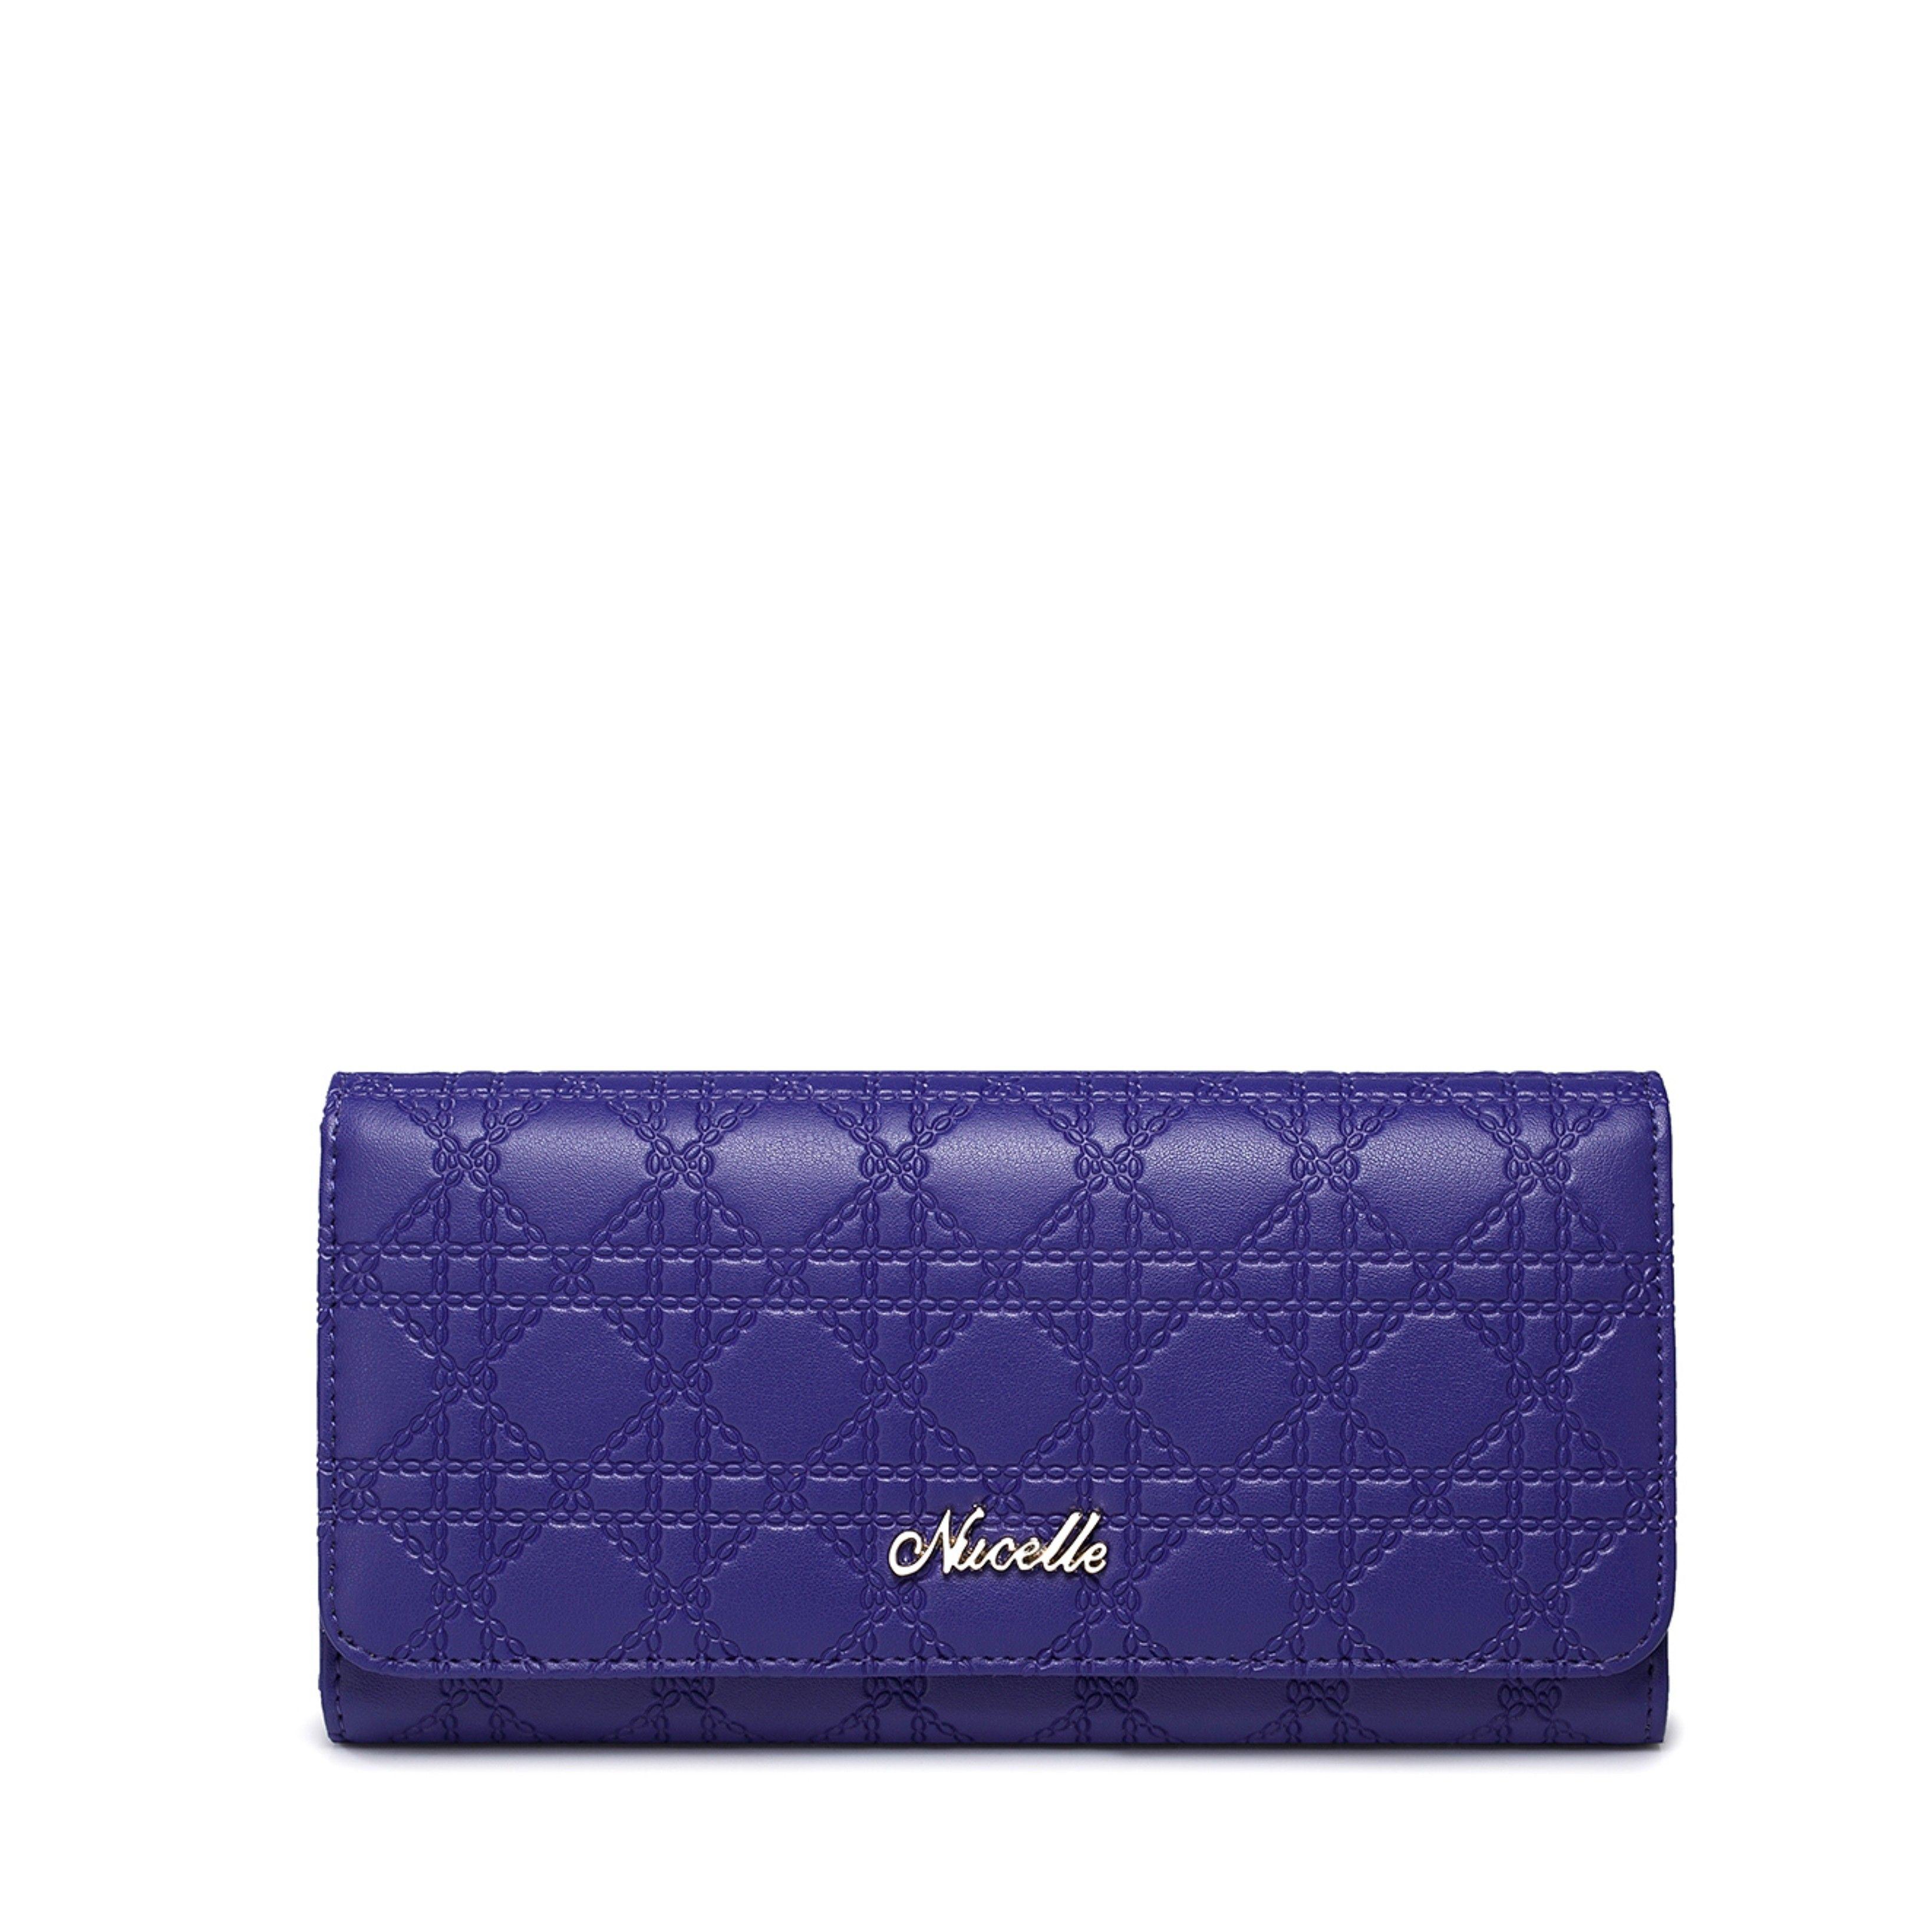 Krásna peňaženka Nucelle v žiarivej tmavofialovej farbe  4b18c8c3e4e